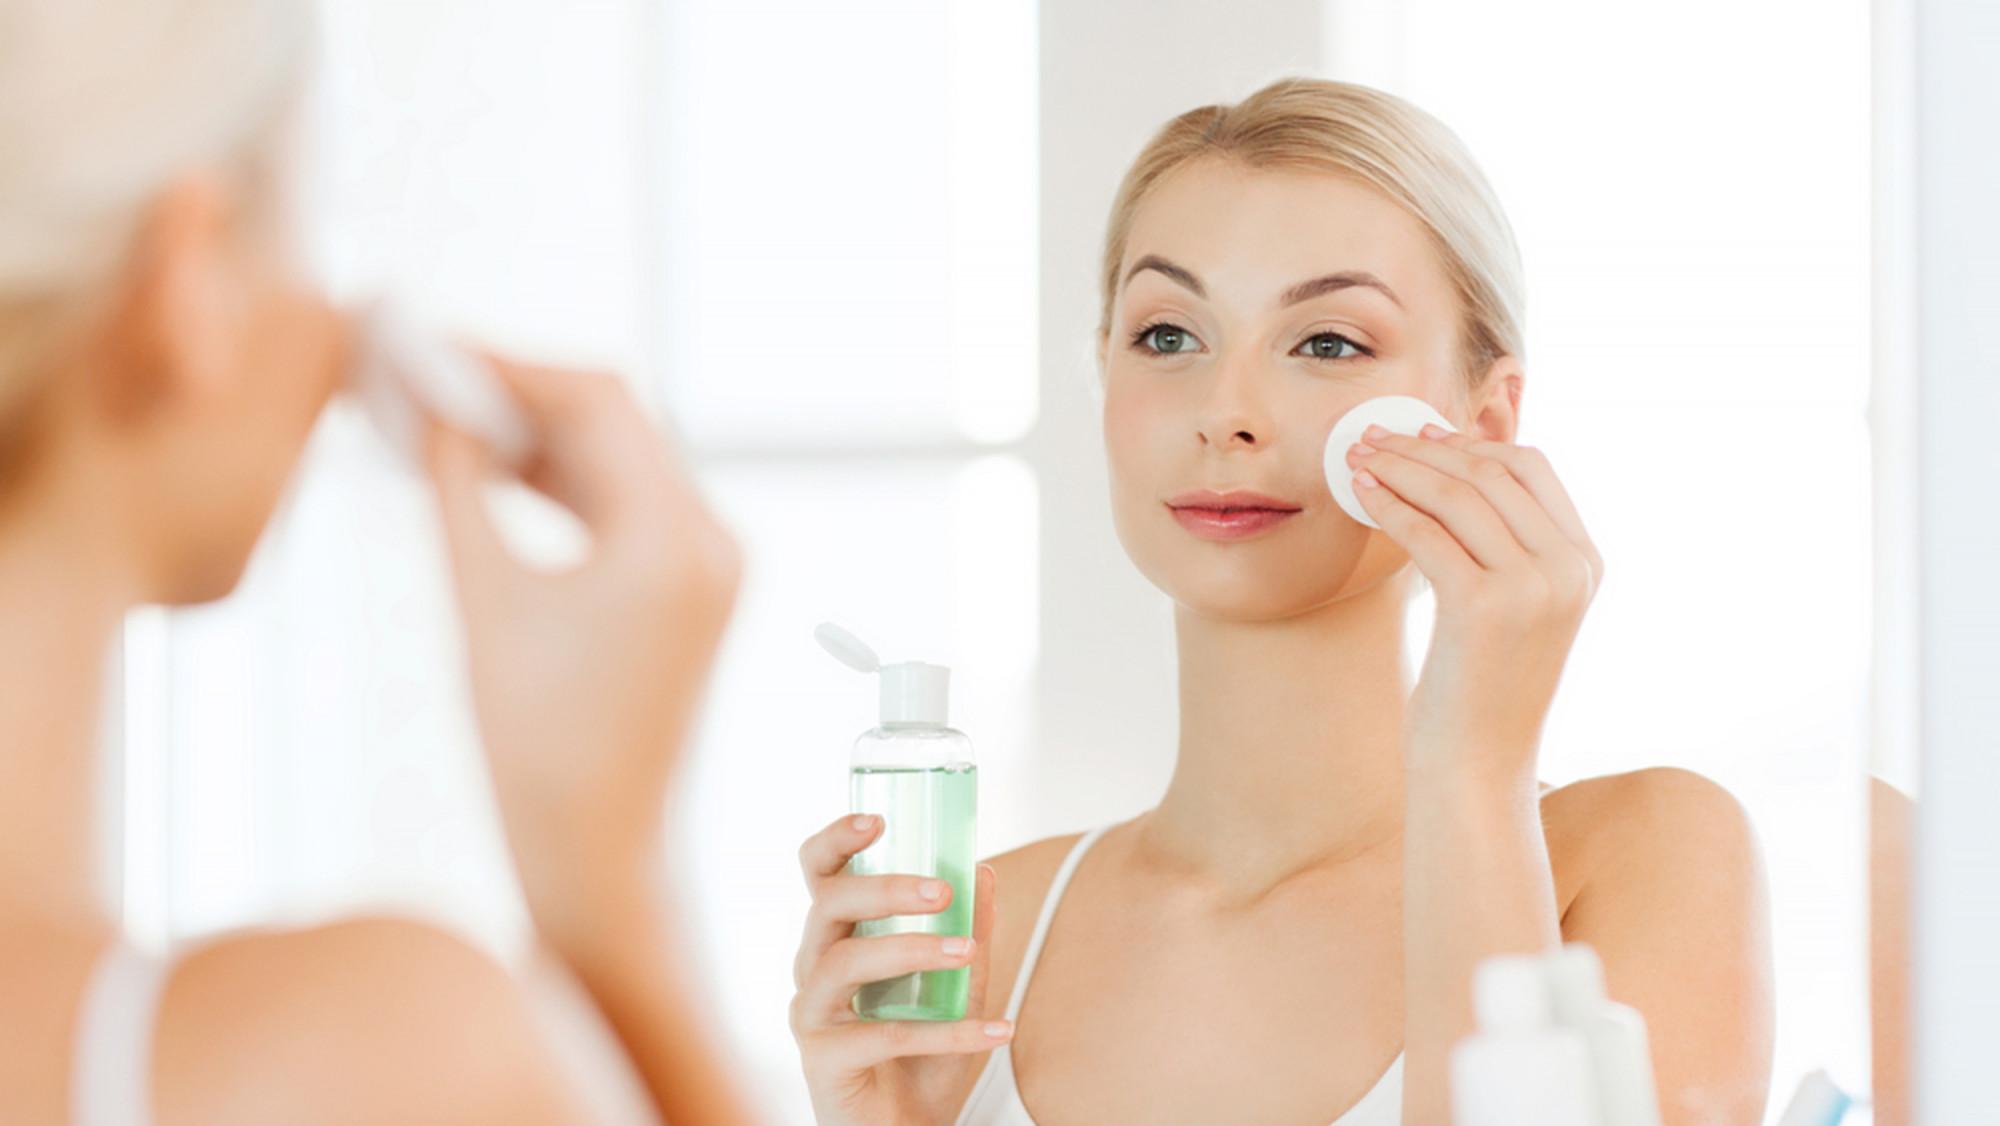 Không nên bỏ qua toner: Nếu bạn đang tìm cách giảm thiểu sự xuất hiện của lỗ chân lông, hãy đảm bảo rằng bạn không bỏ qua toner cả sáng và tối. bạn nên tuân theo quy trình dưỡng da vào buổi sáng với huyết thanh vitamin C, kem dưỡng ẩm không dầu và kem chống nắng. Vào ban đêm, cô ấy khuyên bạn nên sử dụng toner với retinol và kem dưỡng ẩm không dầu tương tự